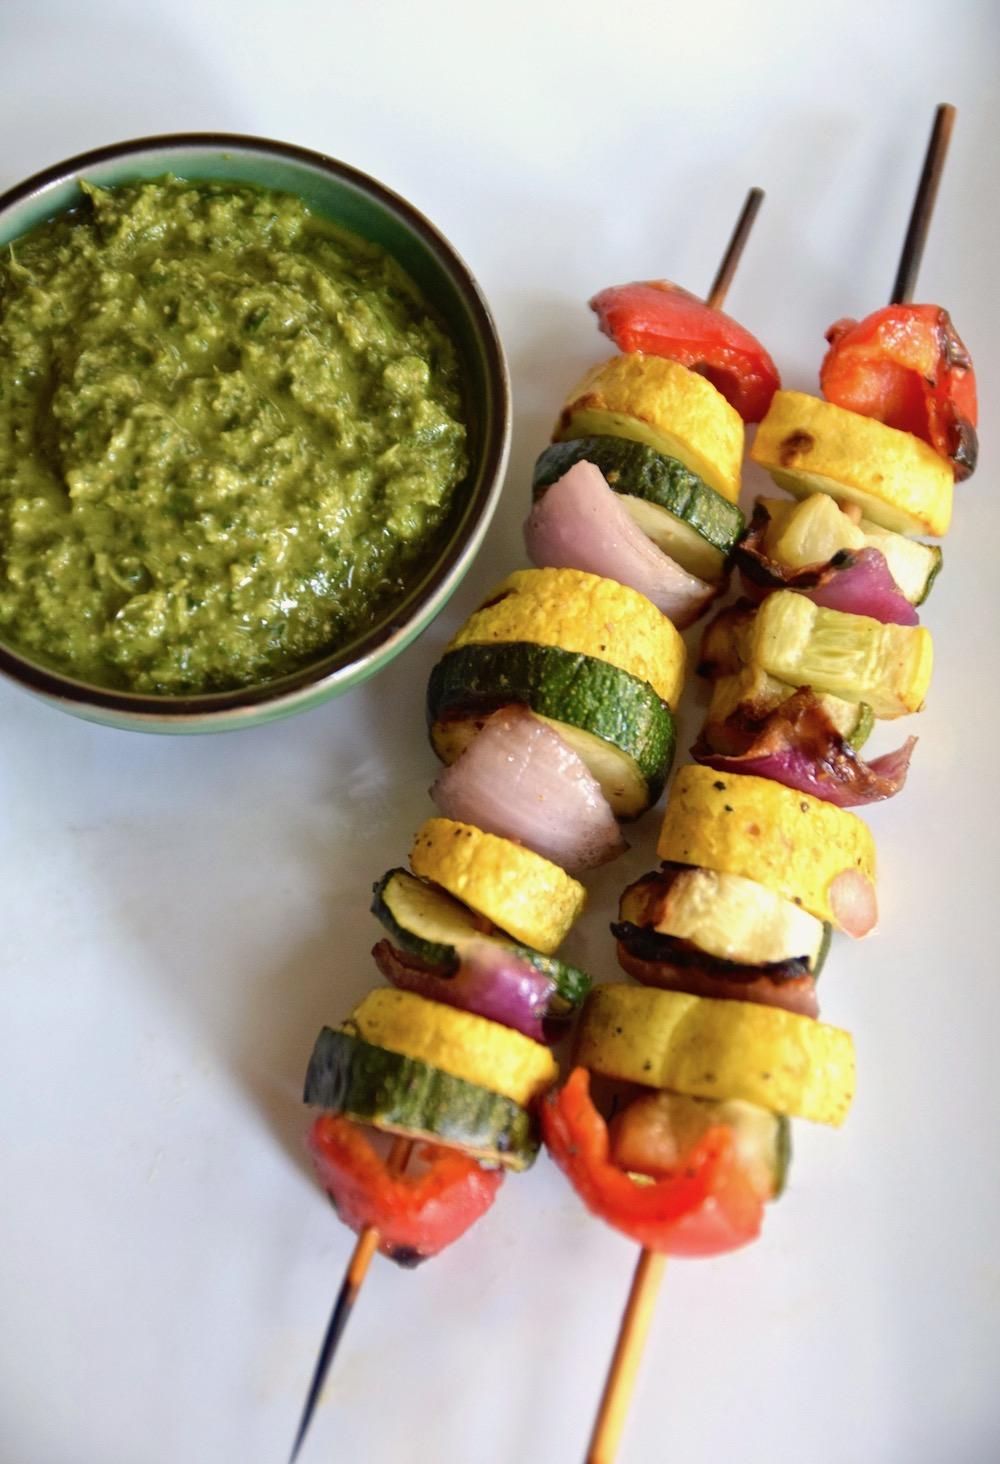 Vegetable skewer with chimichurri.jpg